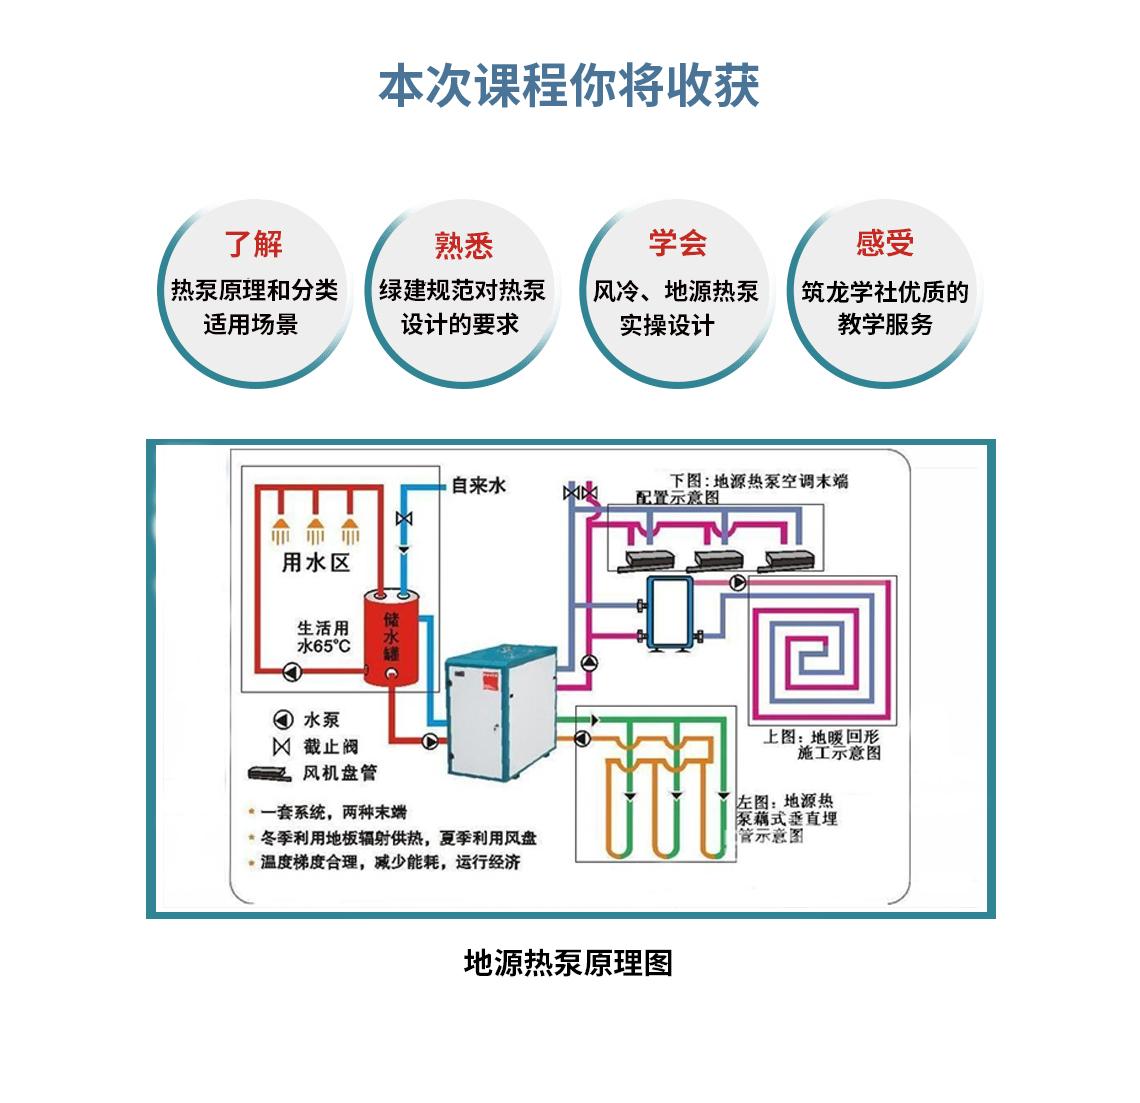 在供暖状态下,压缩机对冷媒做功,并通过换向阀将冷媒流动方向换向。由地下的水路循环吸收地表水、采暖系统